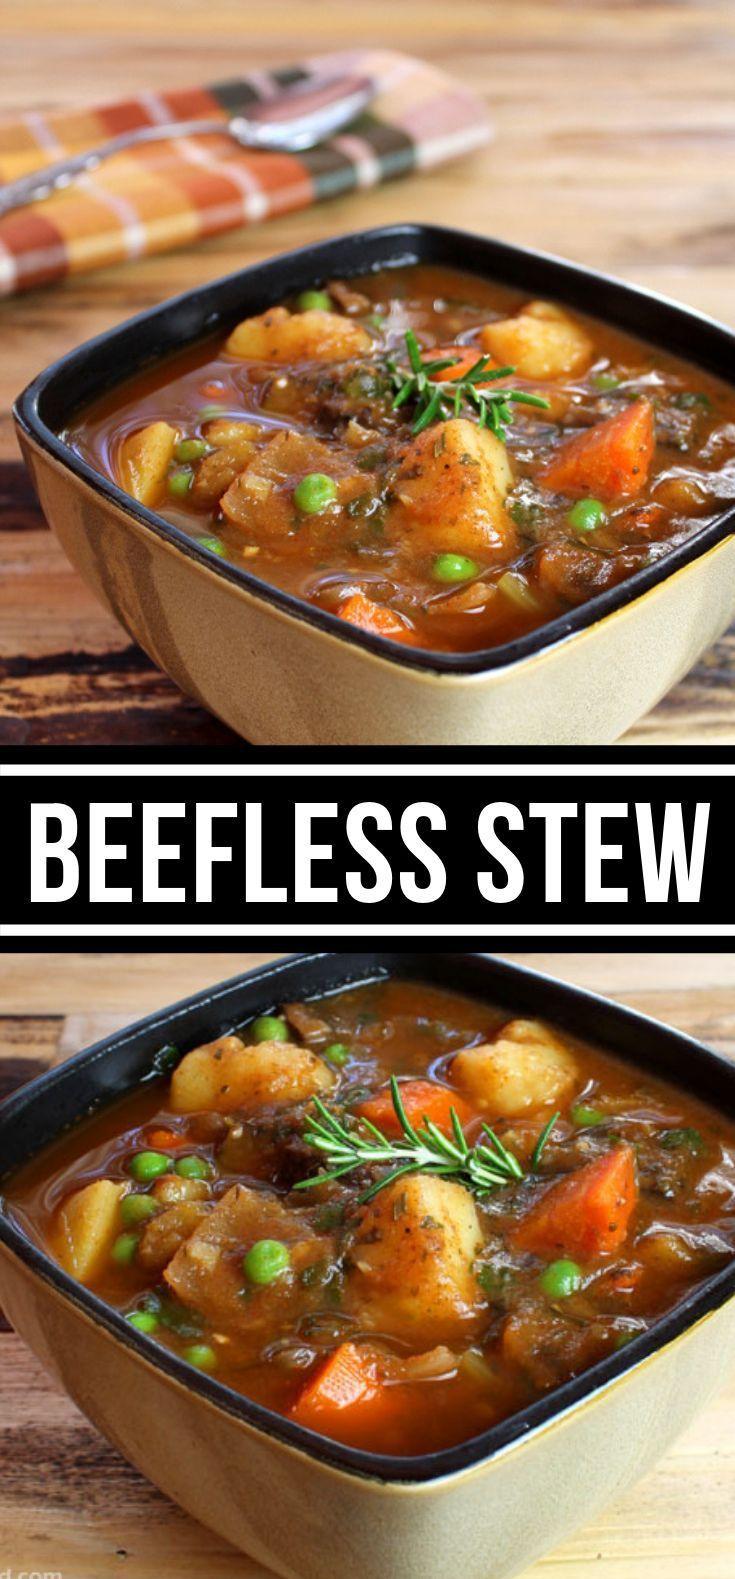 BEEFLESS STEW #vegetarian #soup